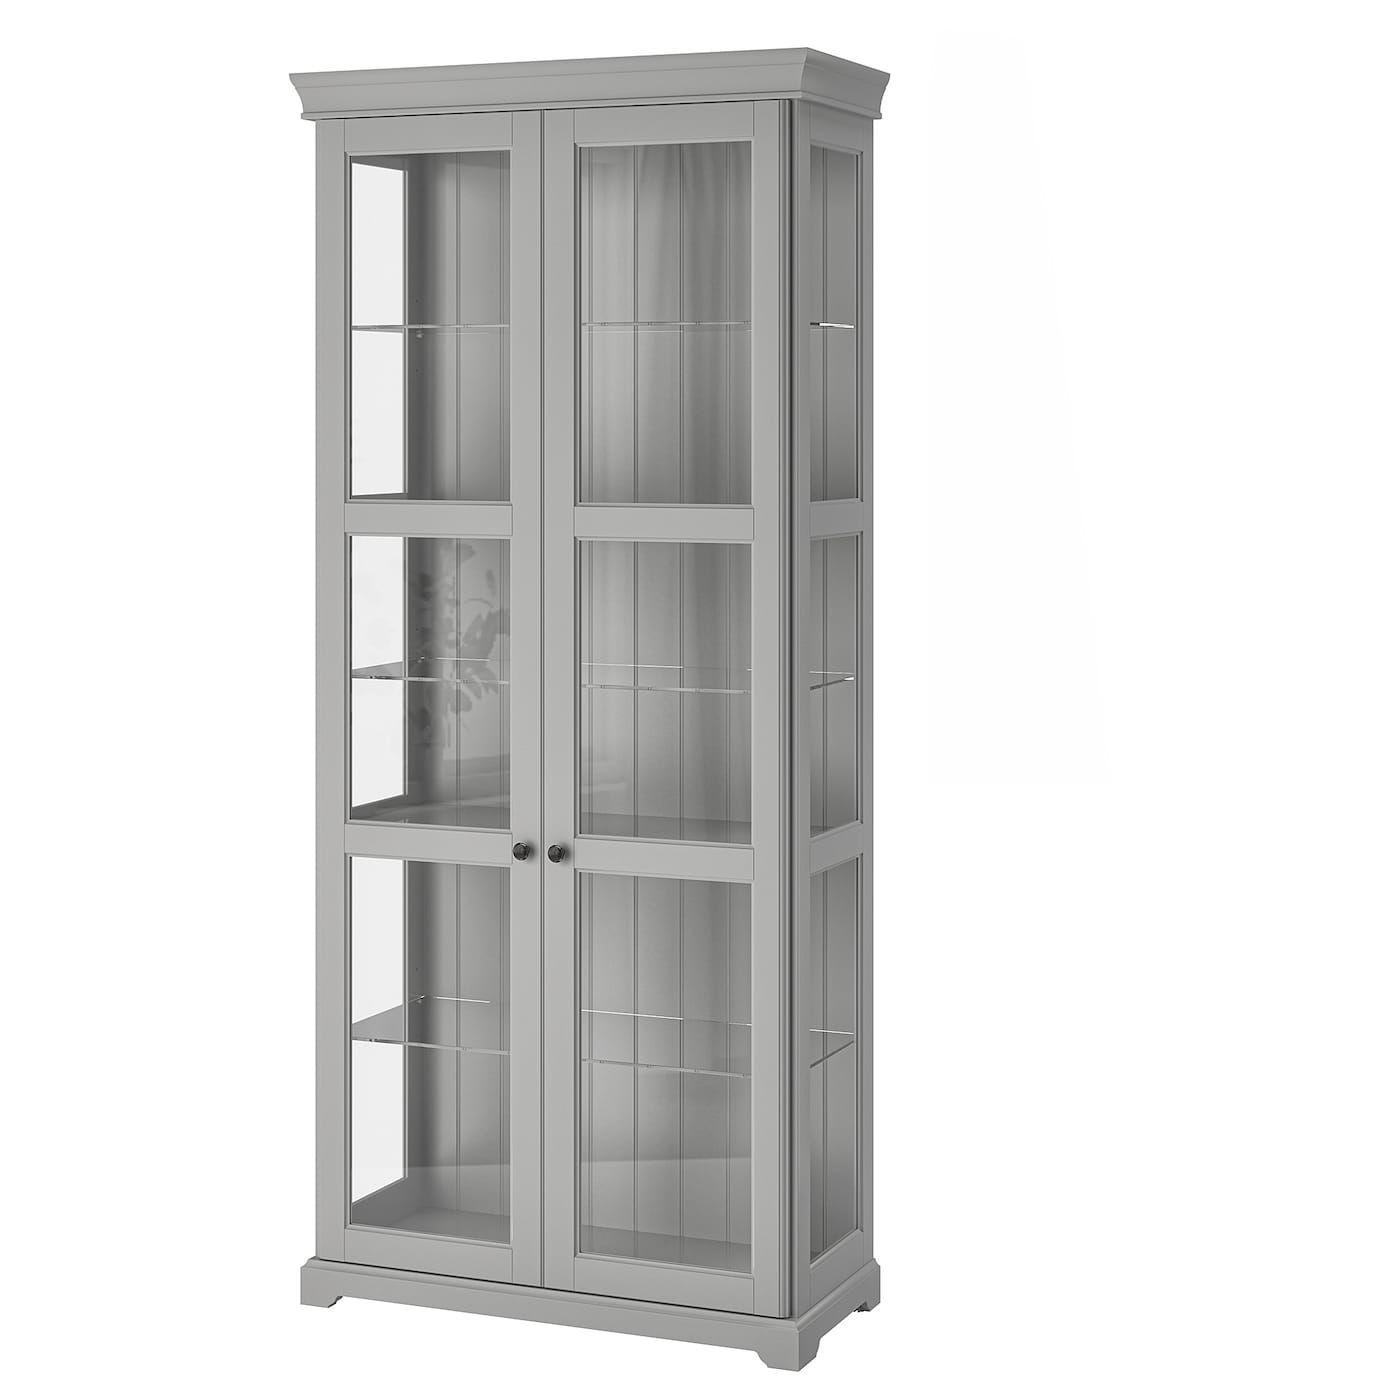 Liatorp Glass Door Cabinet Gray Ikea Glass Cabinet Doors Cabinet Decor Bookcase With Glass Doors